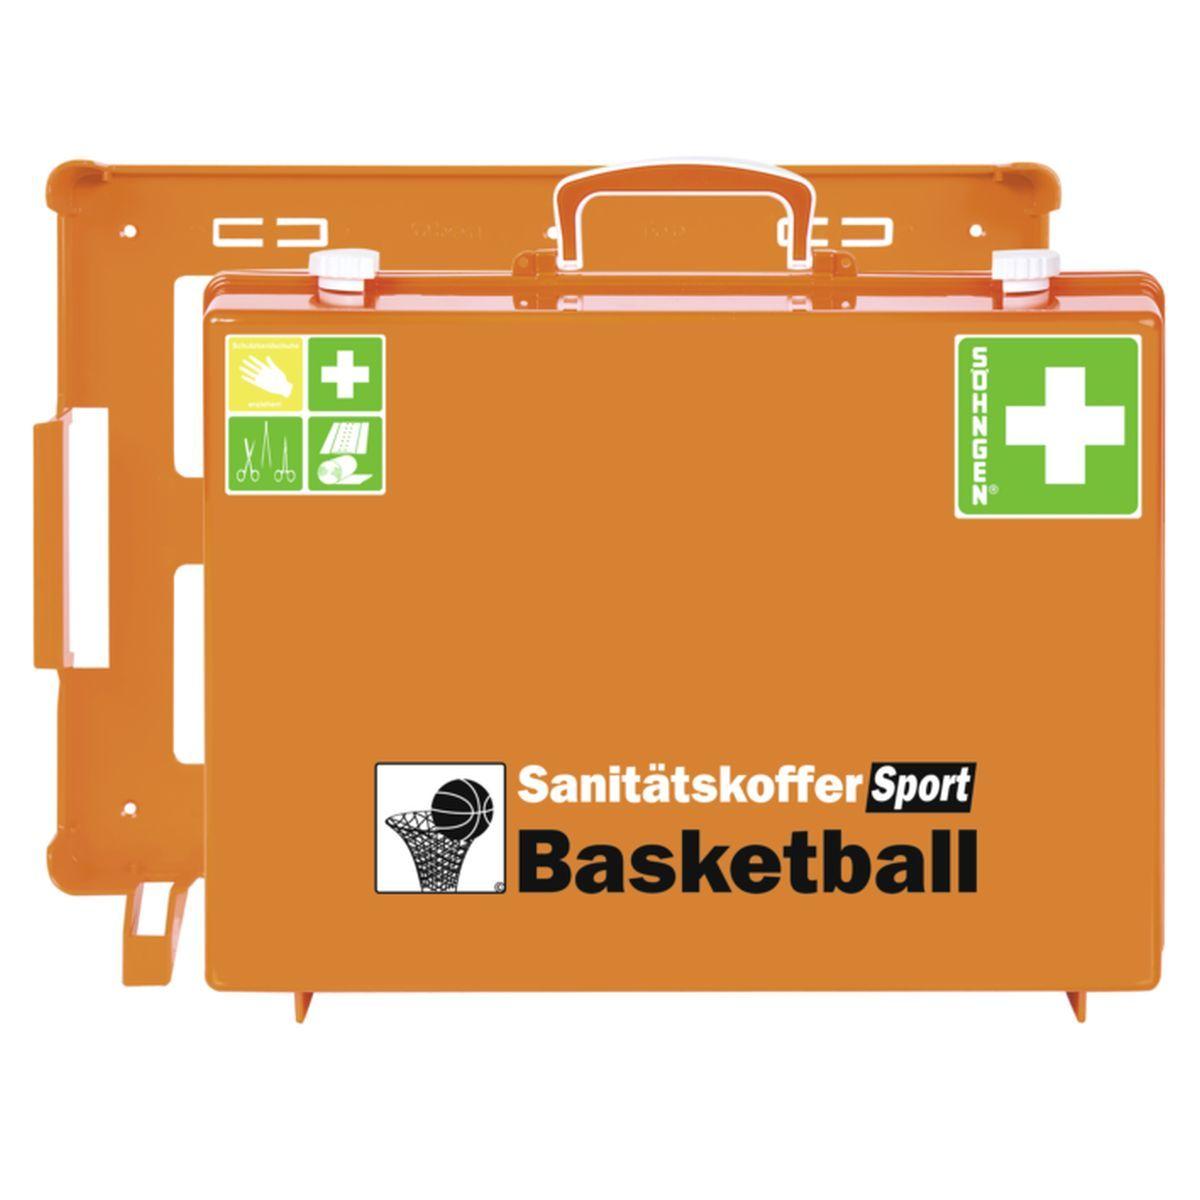 Sanitätskoffer Sport Basketball